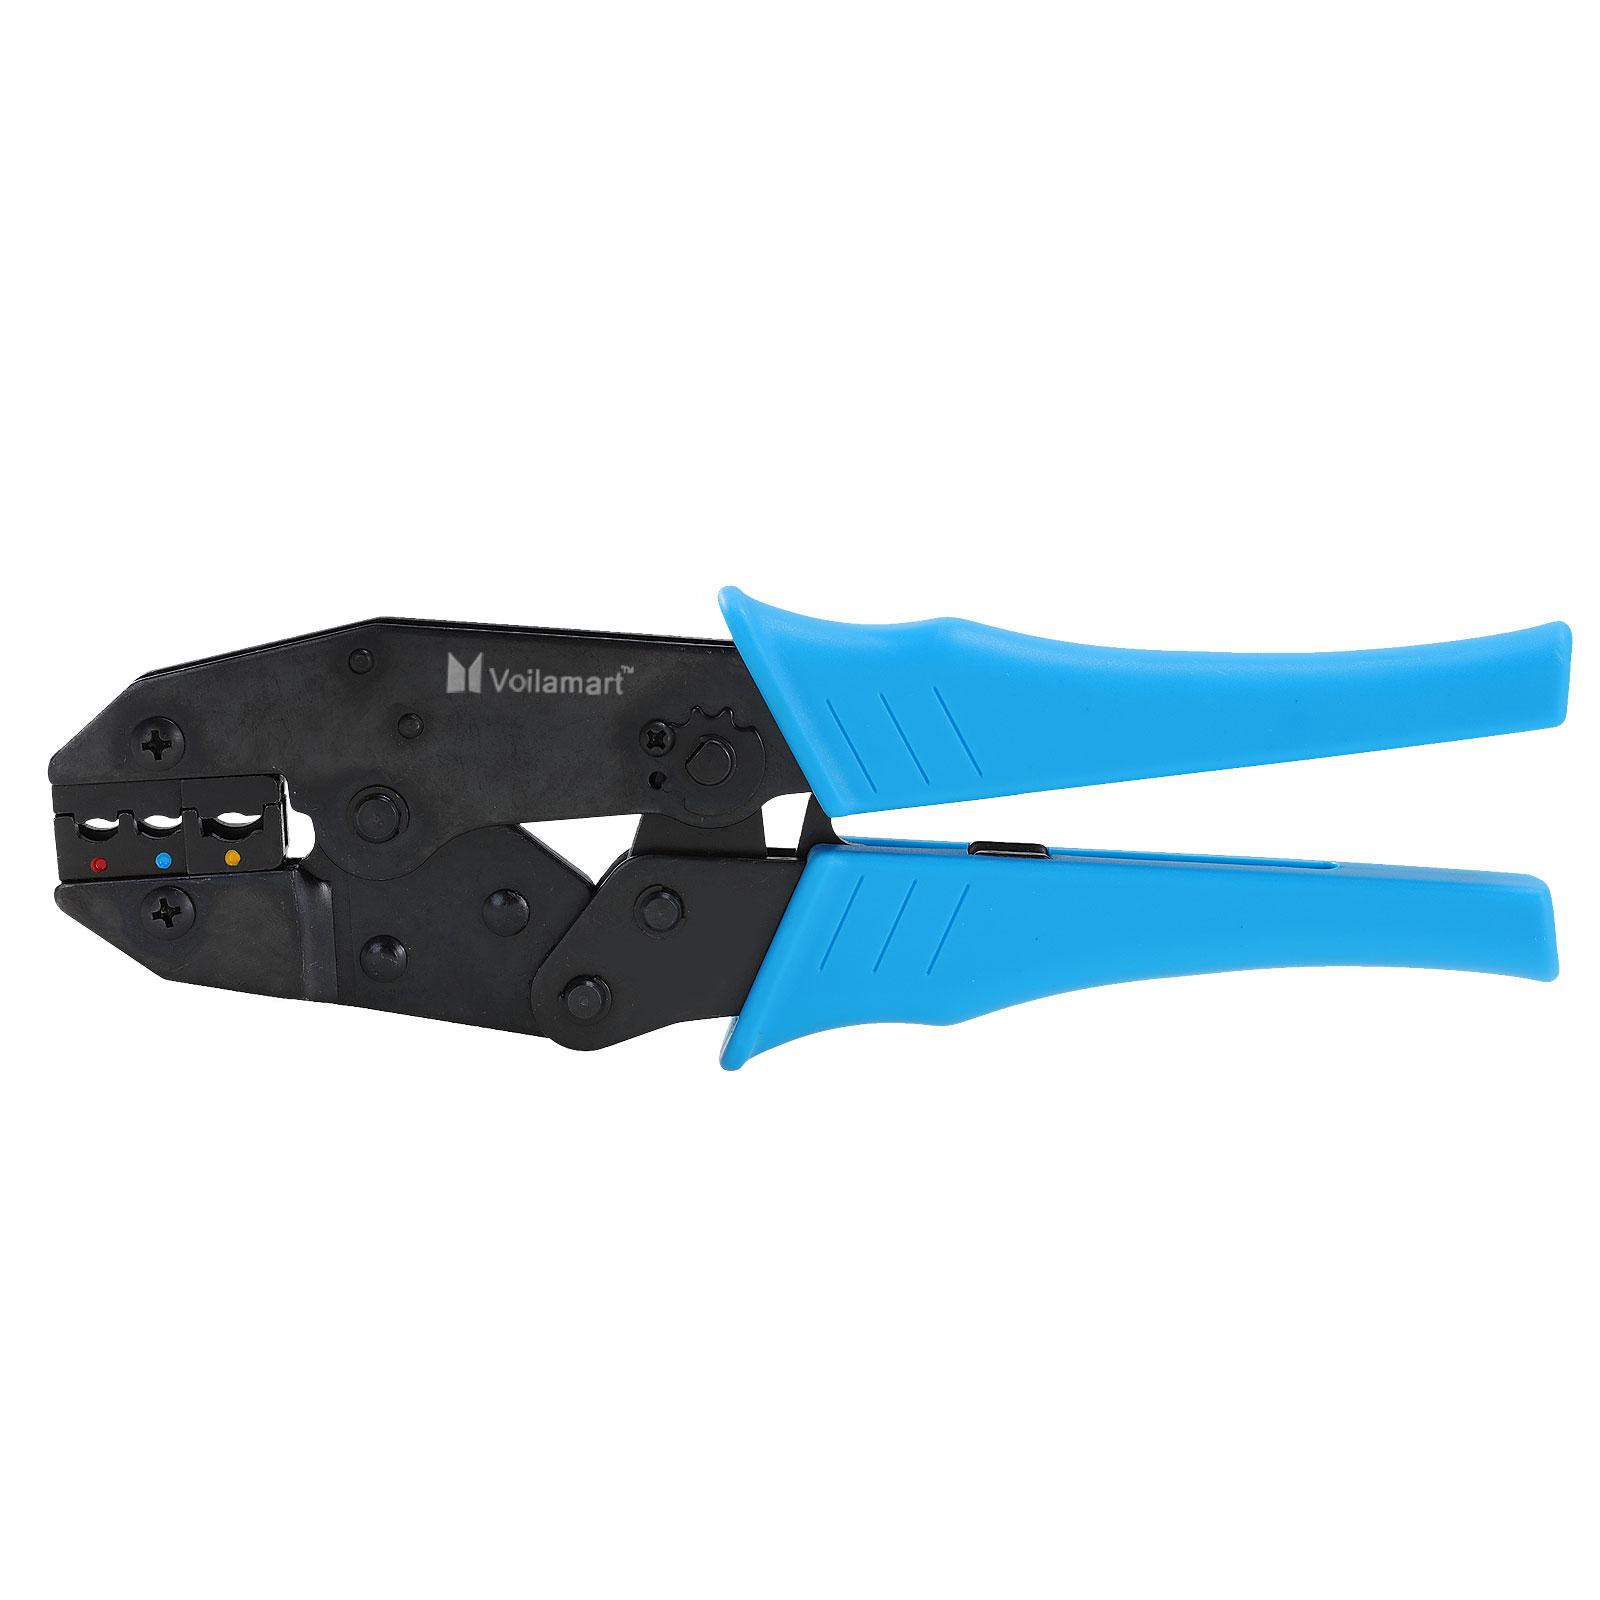 Großartig Pro Crimpzange Presszange Kabelschuhe für 0,5-6mm² Isolierte  FH28